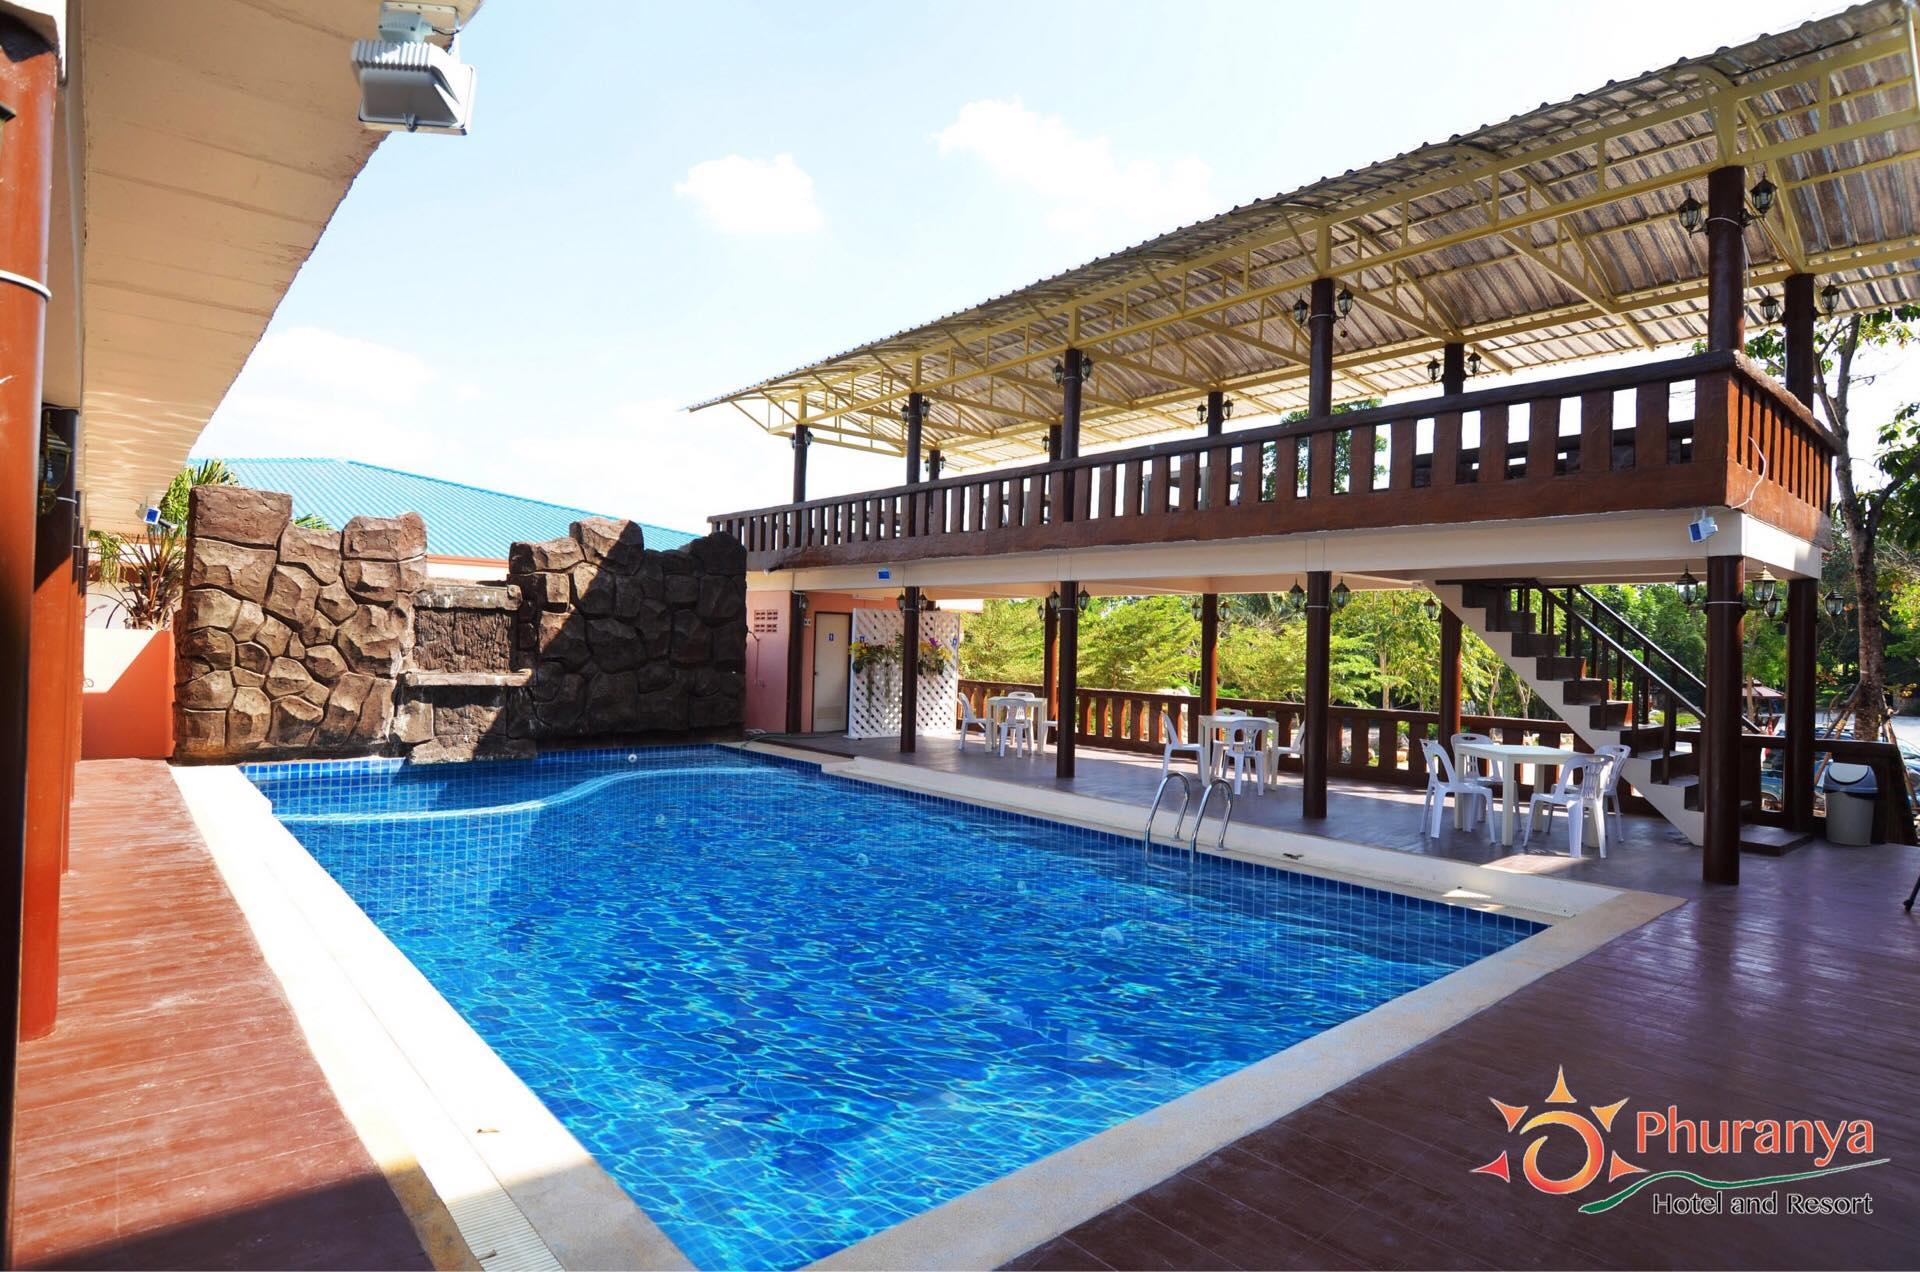 ภูรัญญารีสอร์ท (Phuranya Resort, Khao Yai, Thailand)